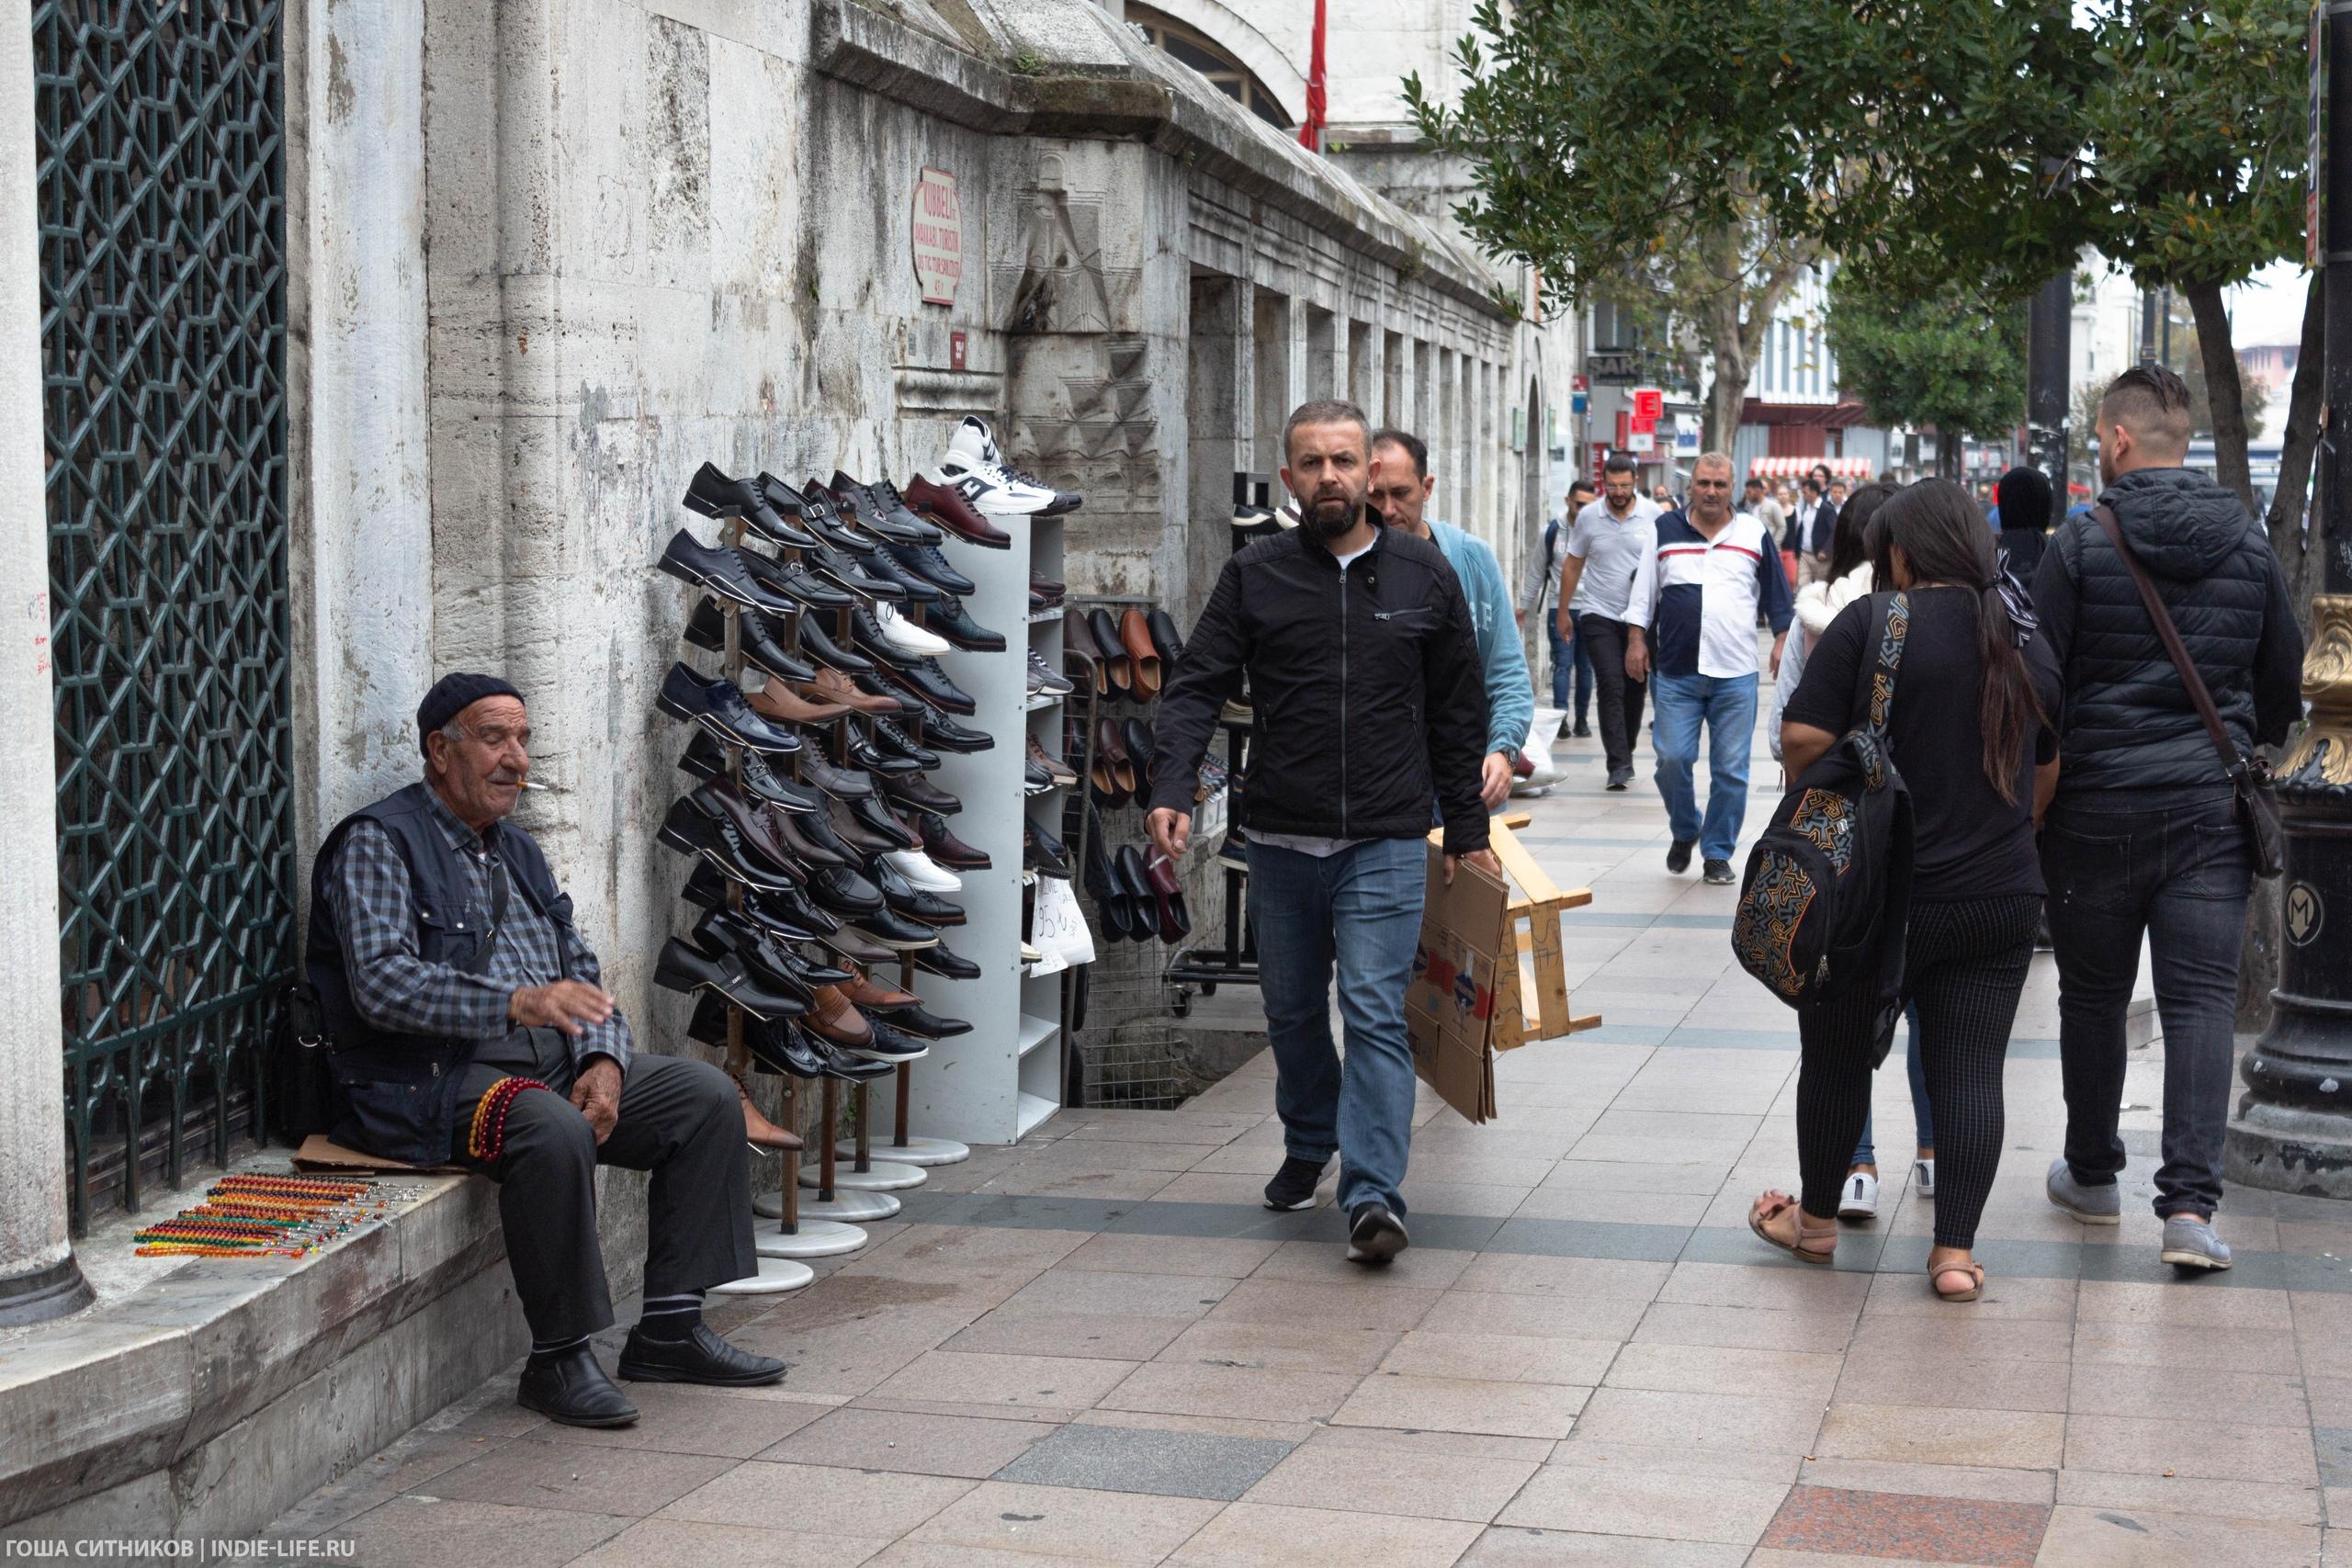 Уличная торговля Стамбул